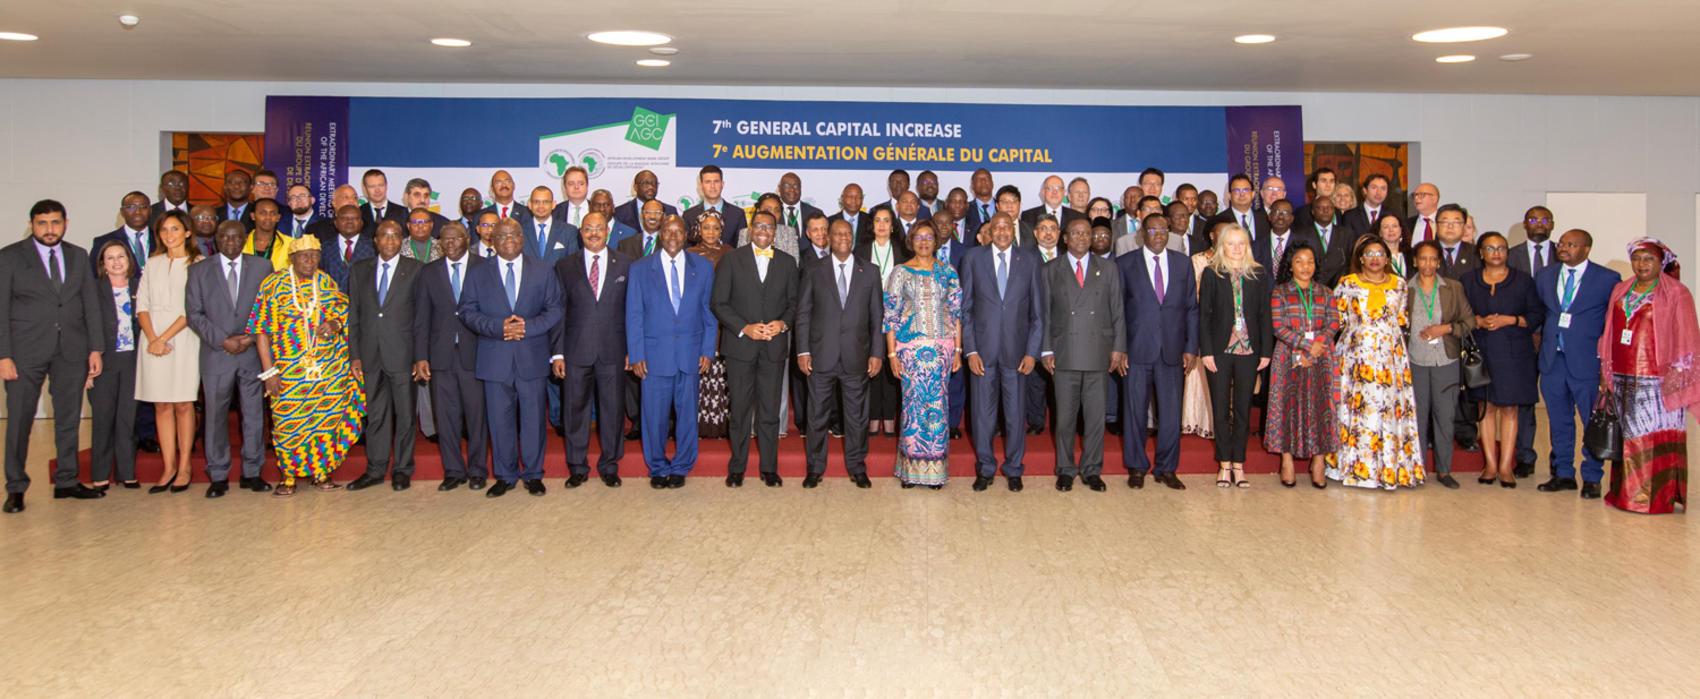 Les actionnaires de la BAD approuvent une augmentation de capital de 115 milliards d'USD